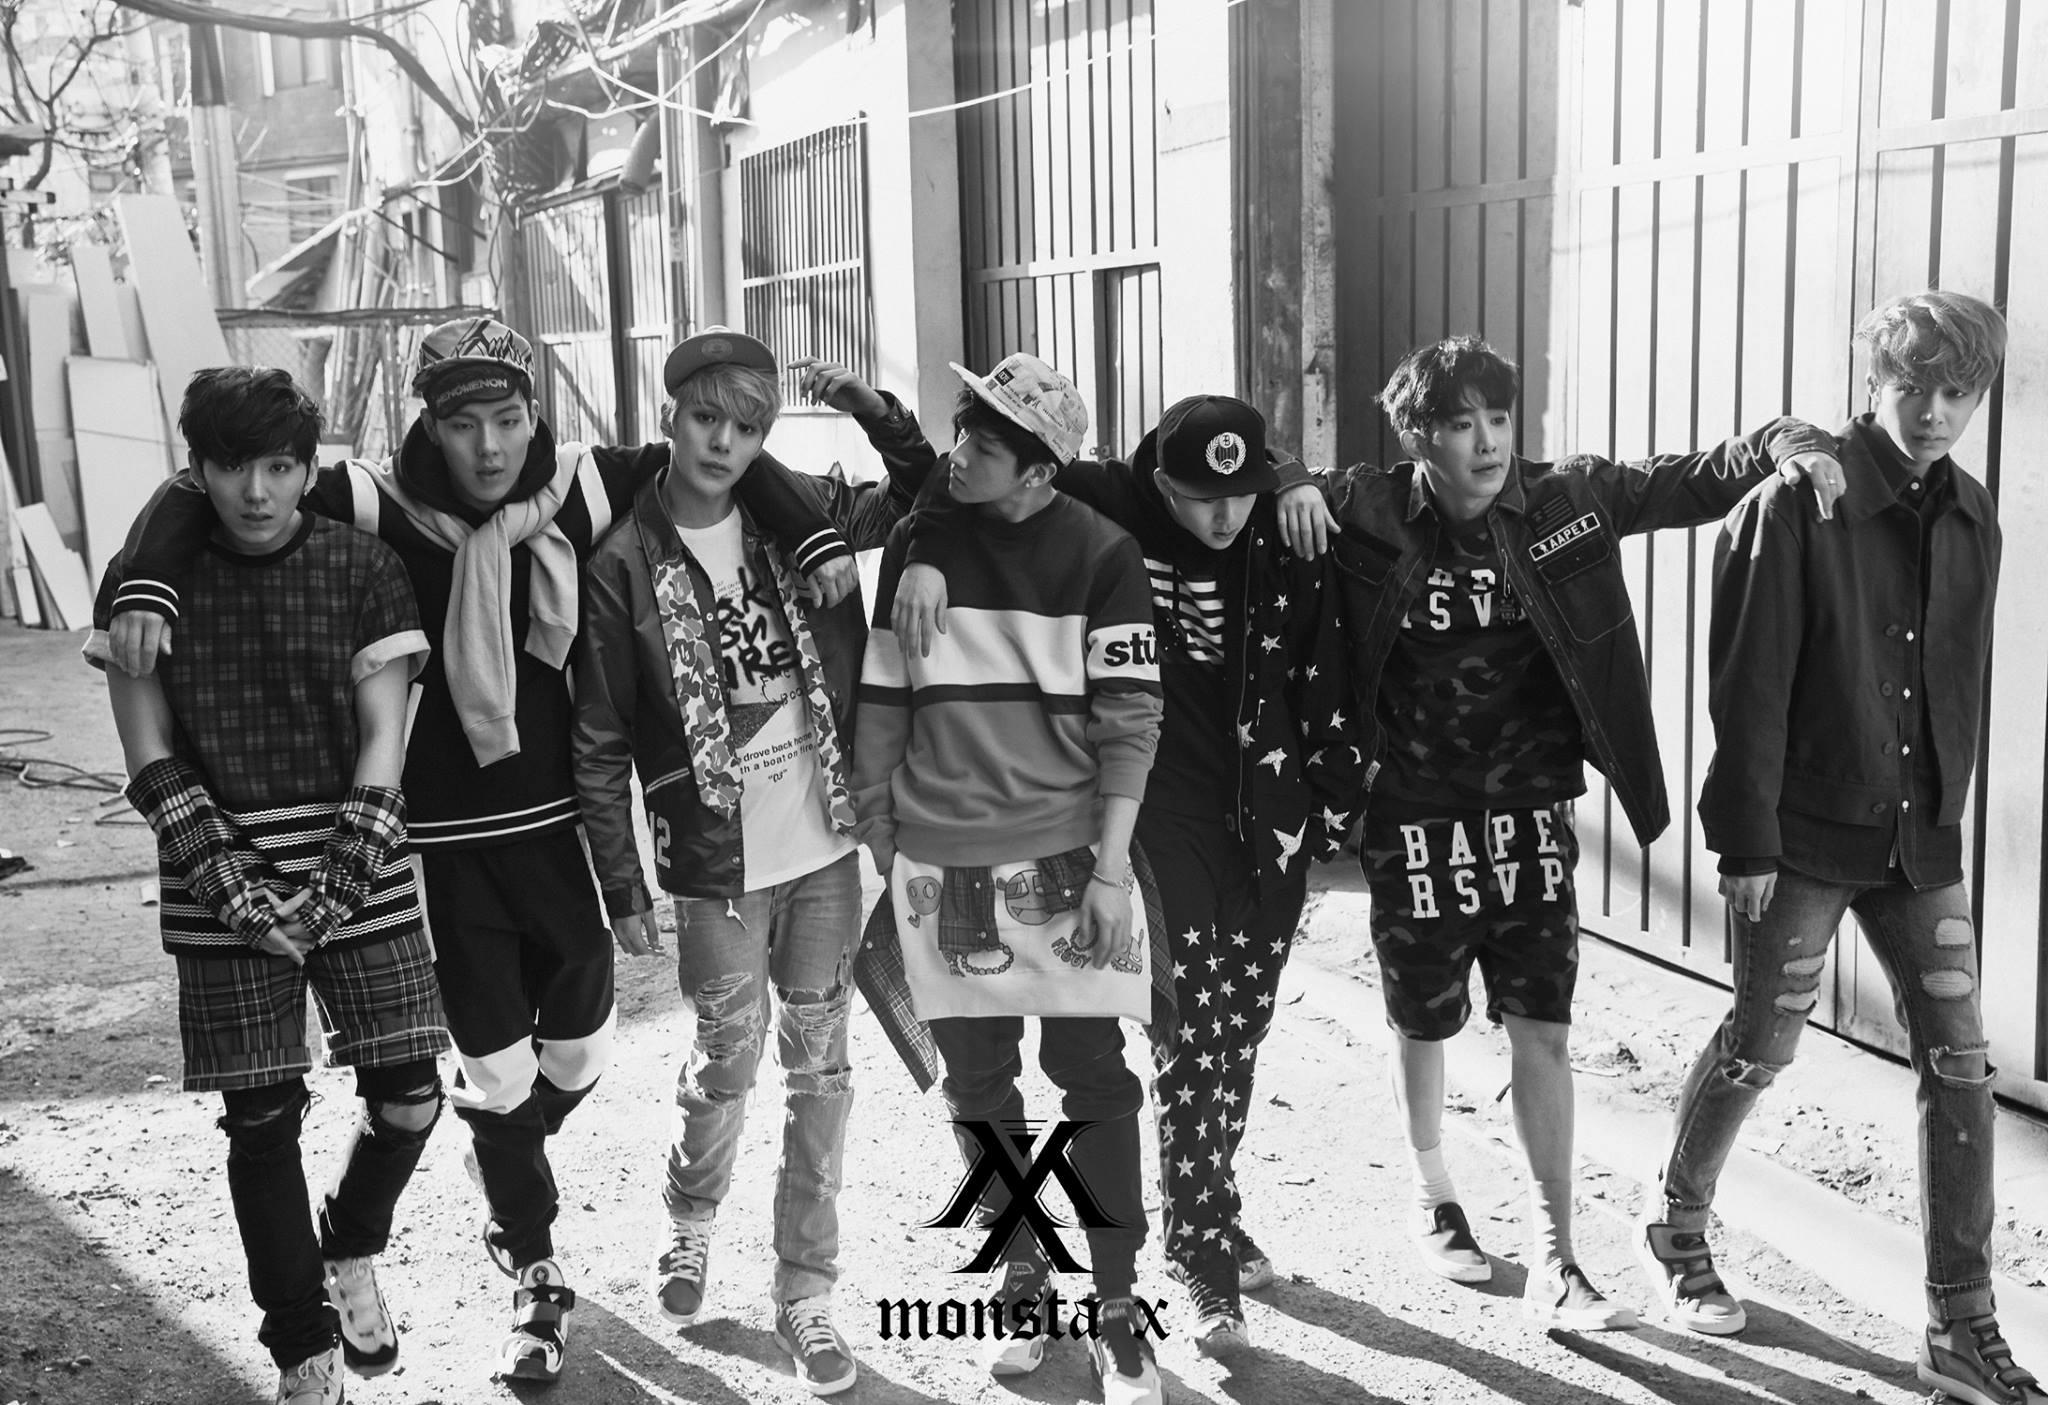 TOP 4. MONSTA X 首張迷你專輯《TRESPASS》(2015/05/14) 專輯銷量: 33,861張